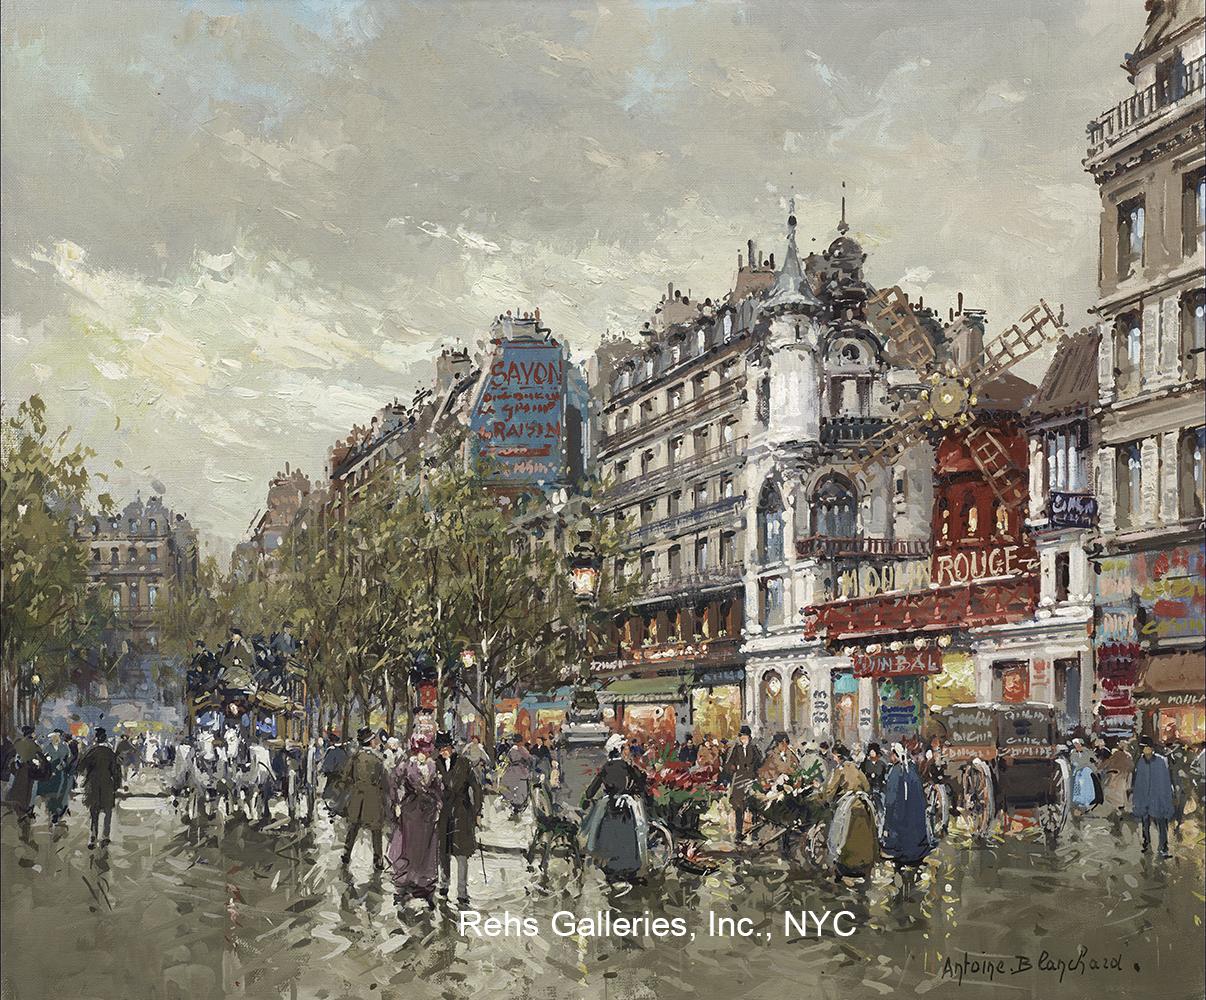 antoine_blanchard_e1337_le_moulin_rouge_a_montmartre_paris_en_1900_wm.jpg